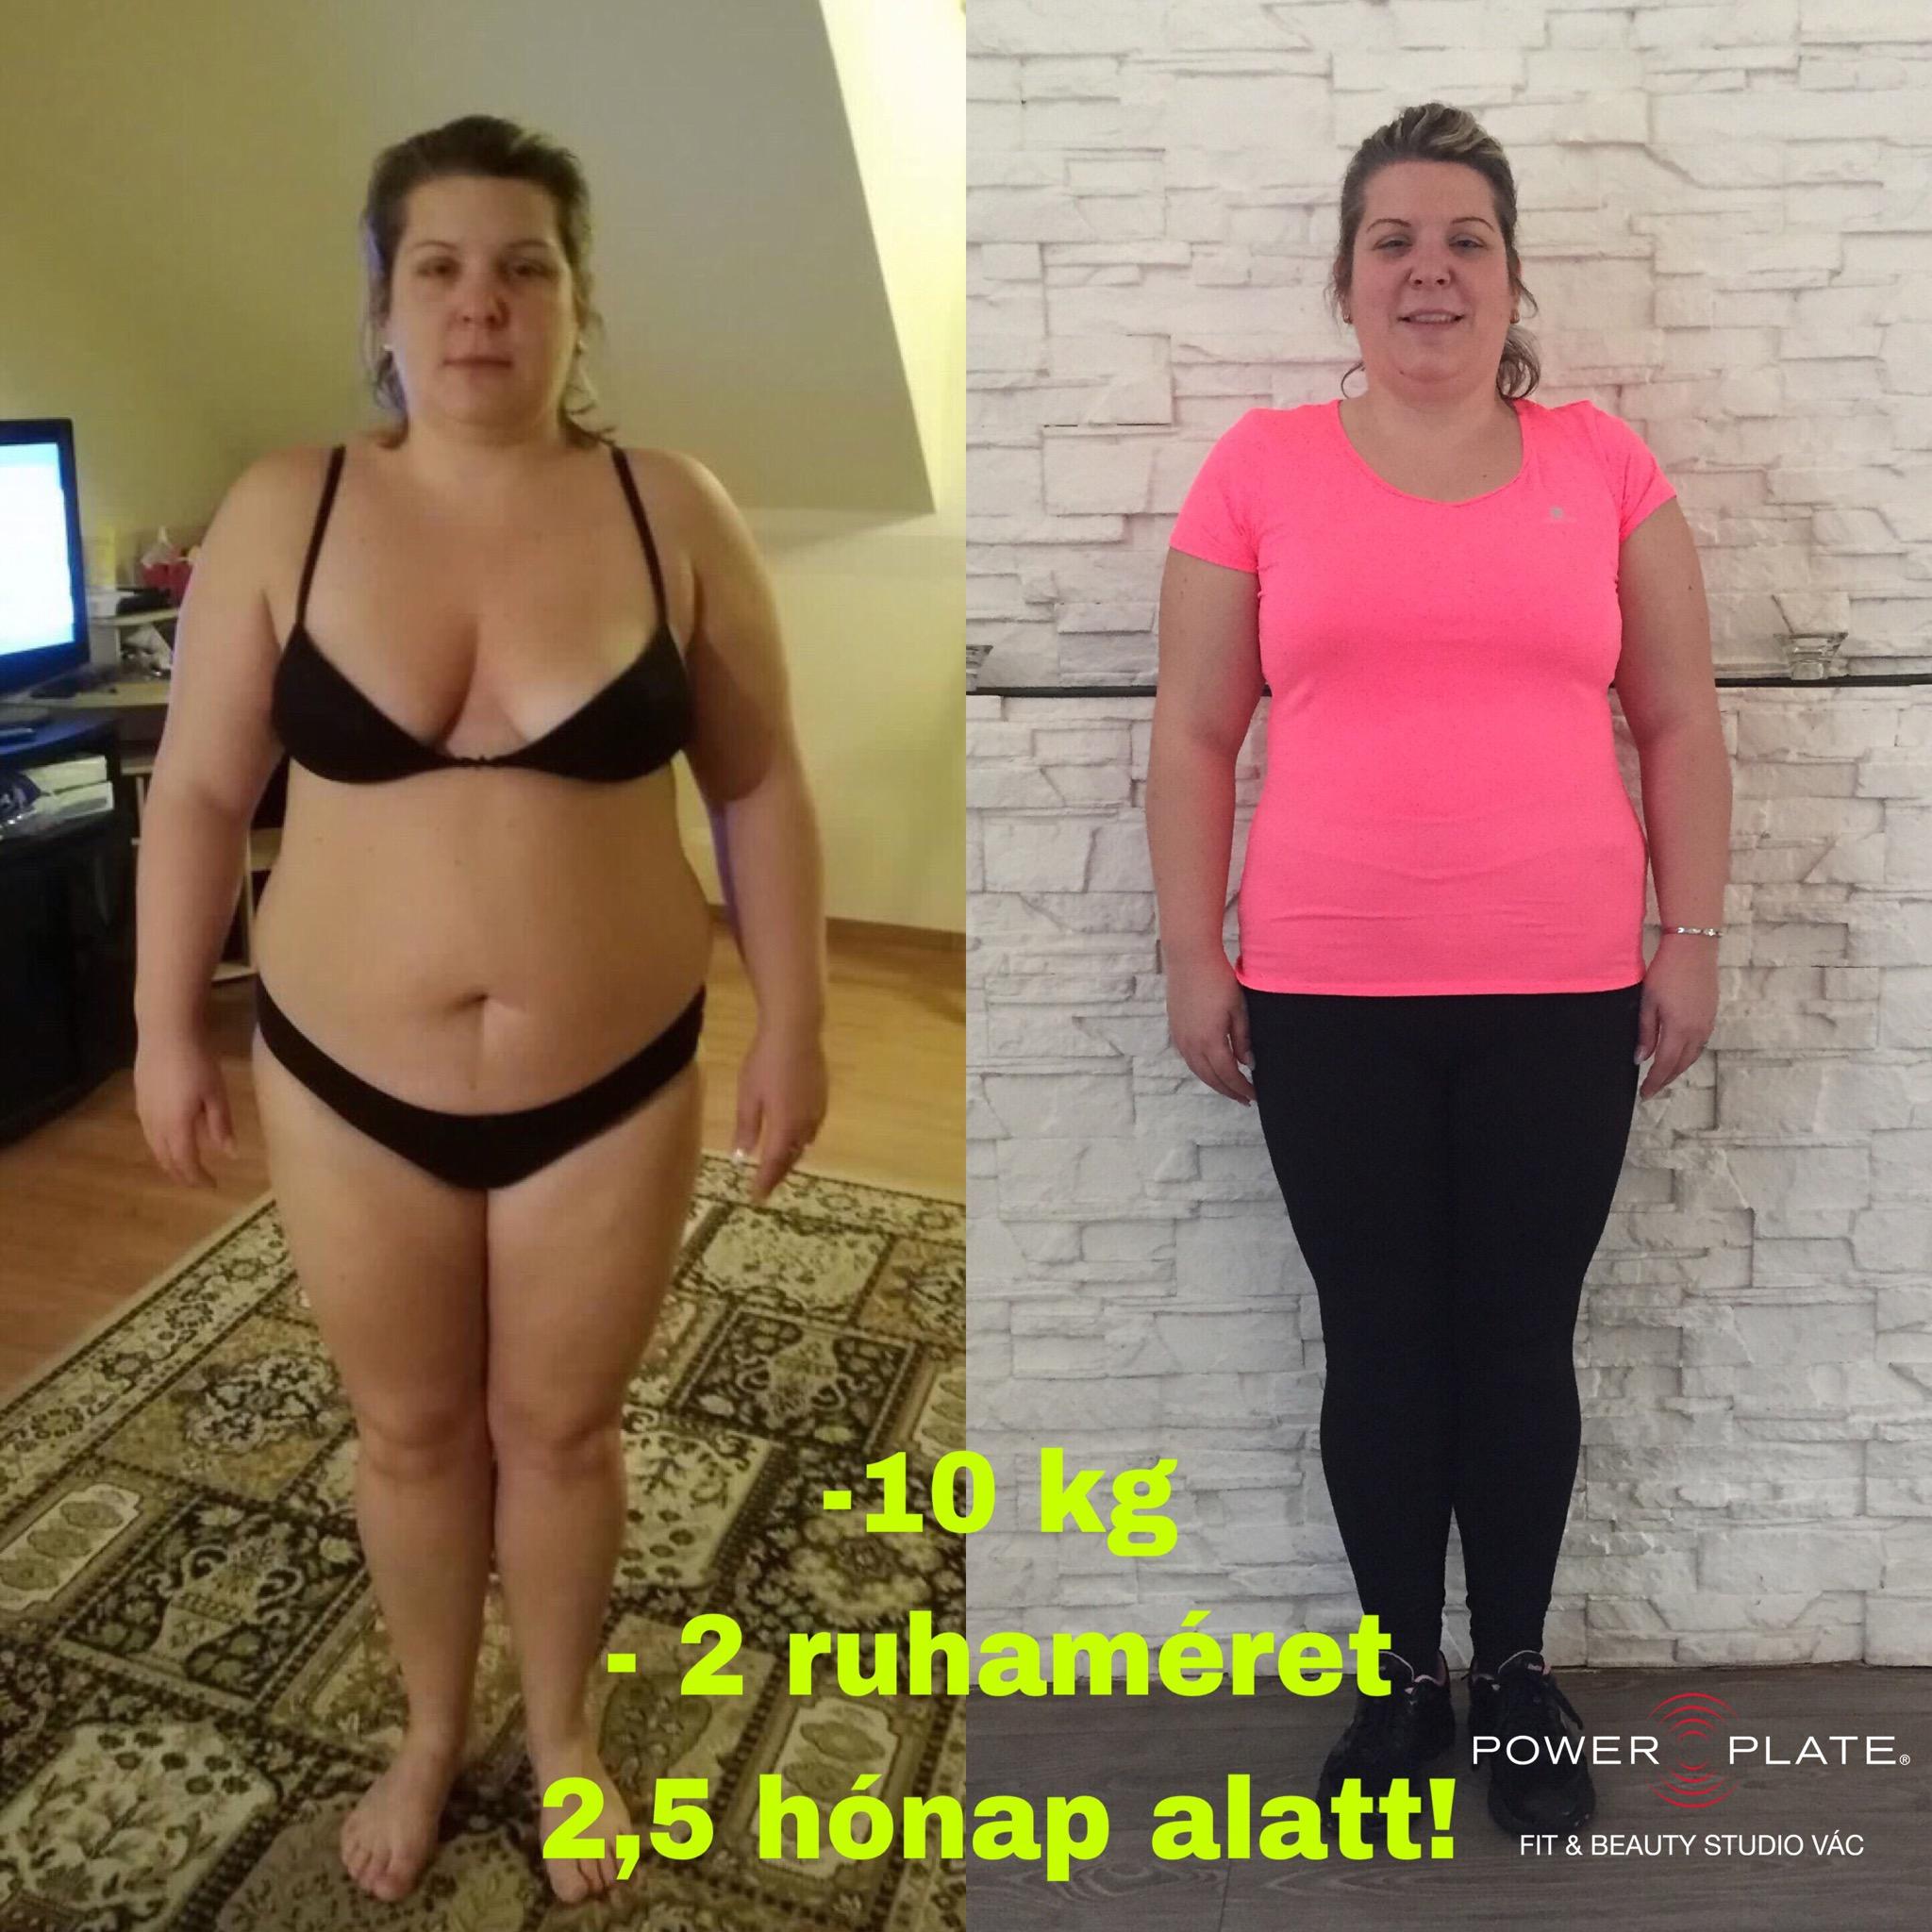 Viki és Gábor 4 hónap alatt 25 kg-ot fogyott úgy, hogy közben jókat ettek! - BodyWakes